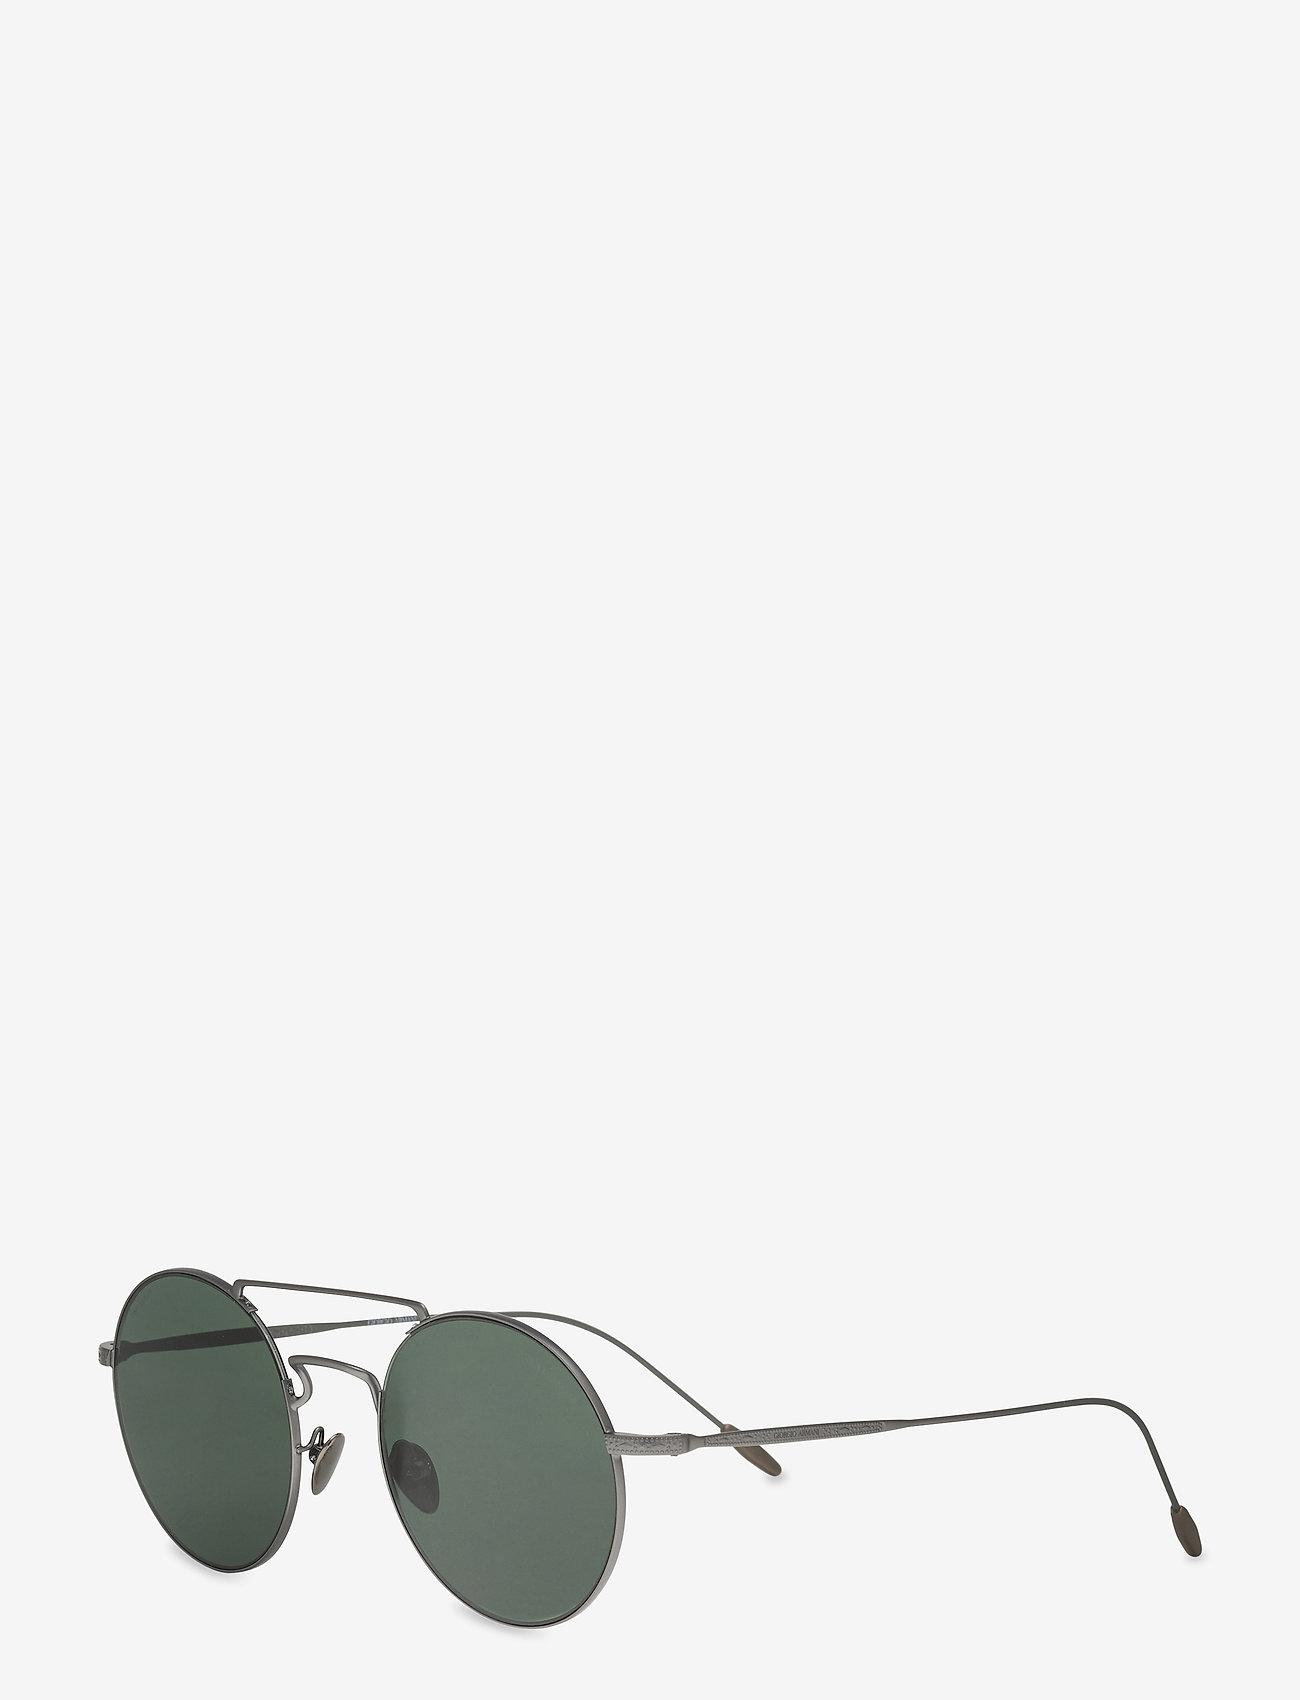 Giorgio Armani Sunglasses - 0AR6072 - rund ramme - matte gunmetal - 1